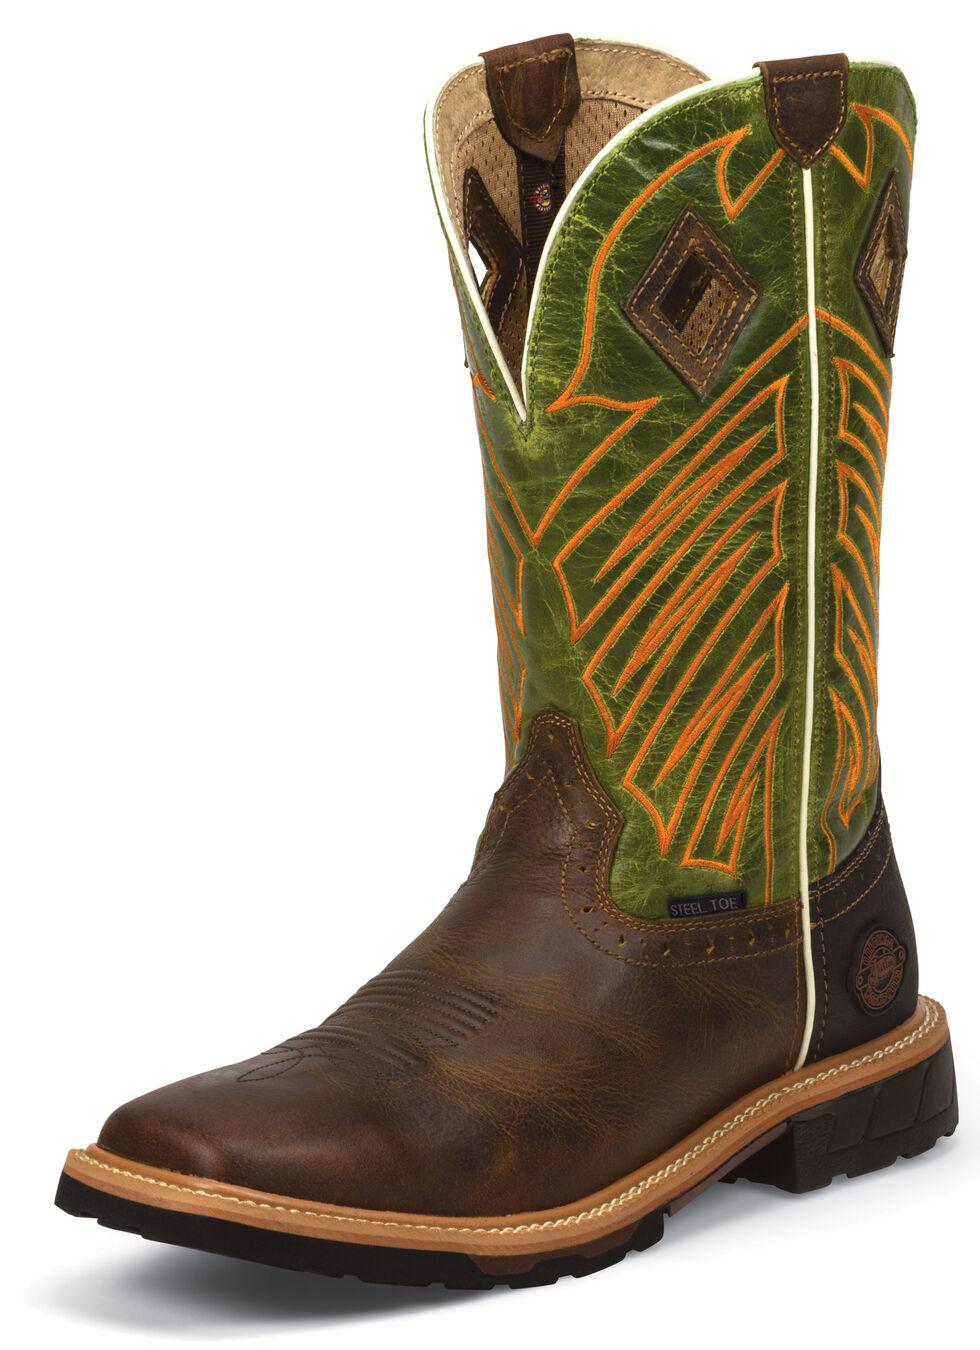 Justin Men's Derrickman Tan Work Boots - Steel Toe, Tan, hi-res